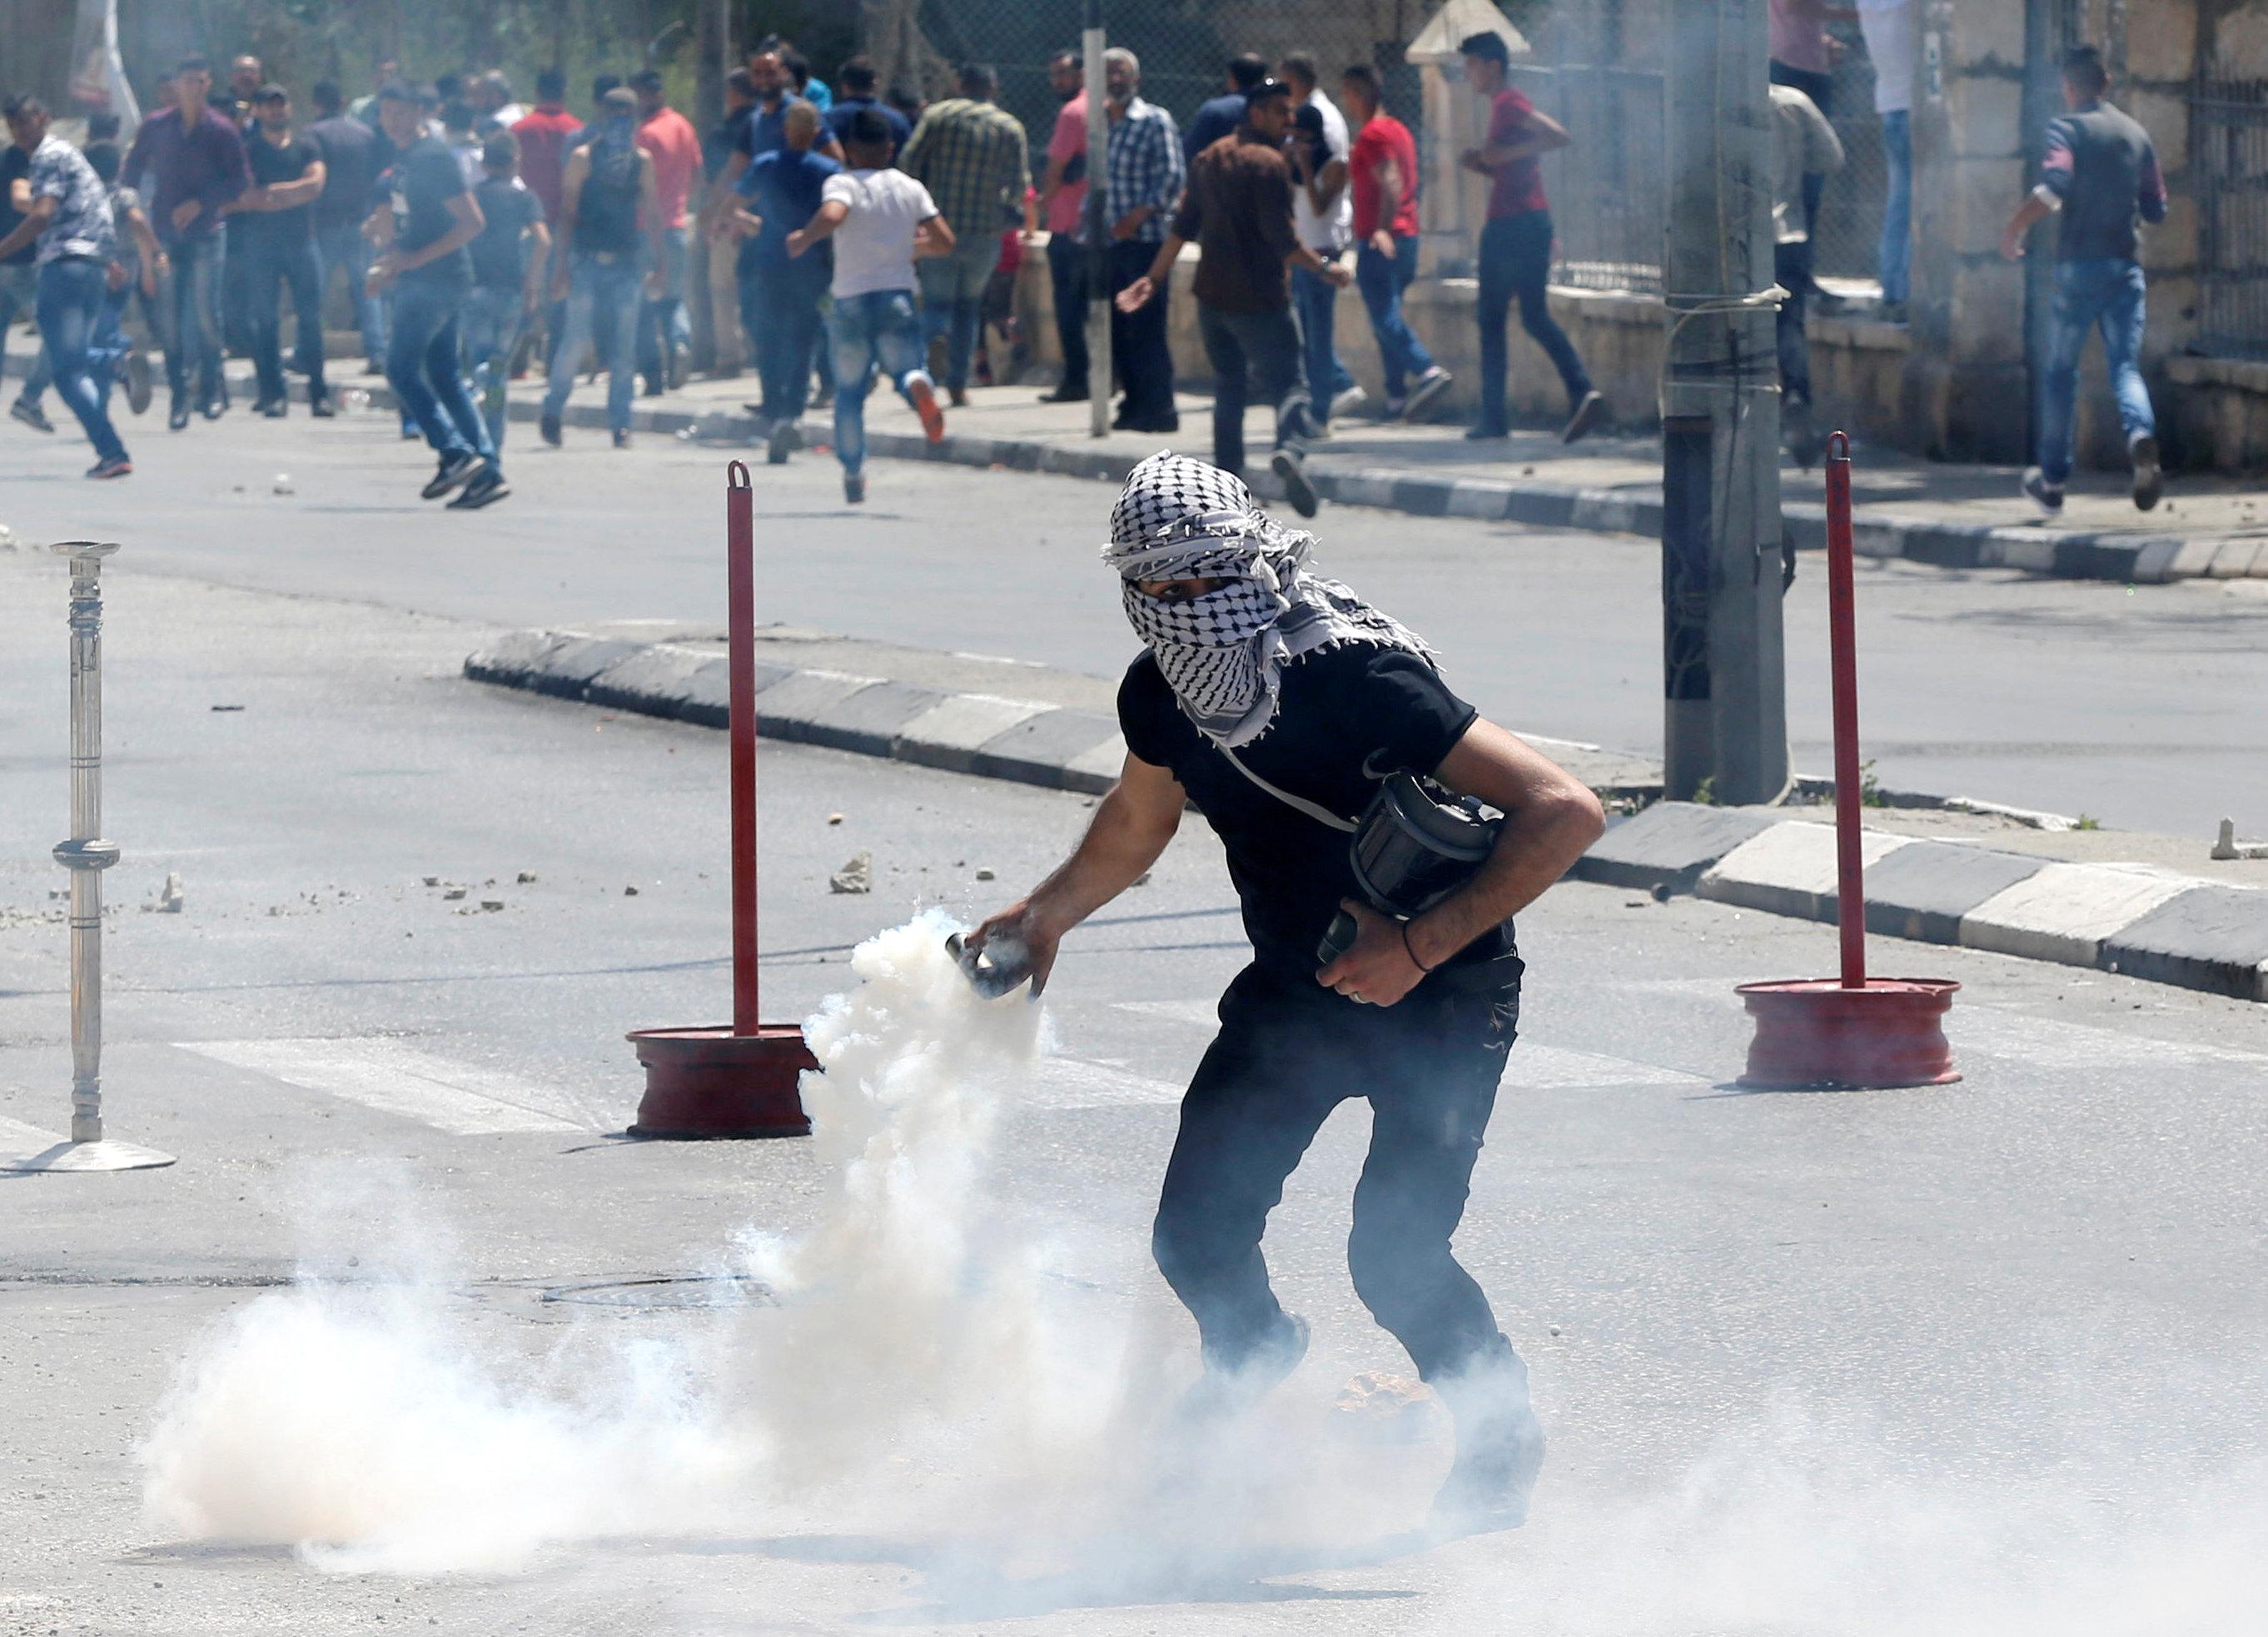 شاب فلسطينى يعيد القاء قنبلة غاز باتجاه قوات الاحتلال